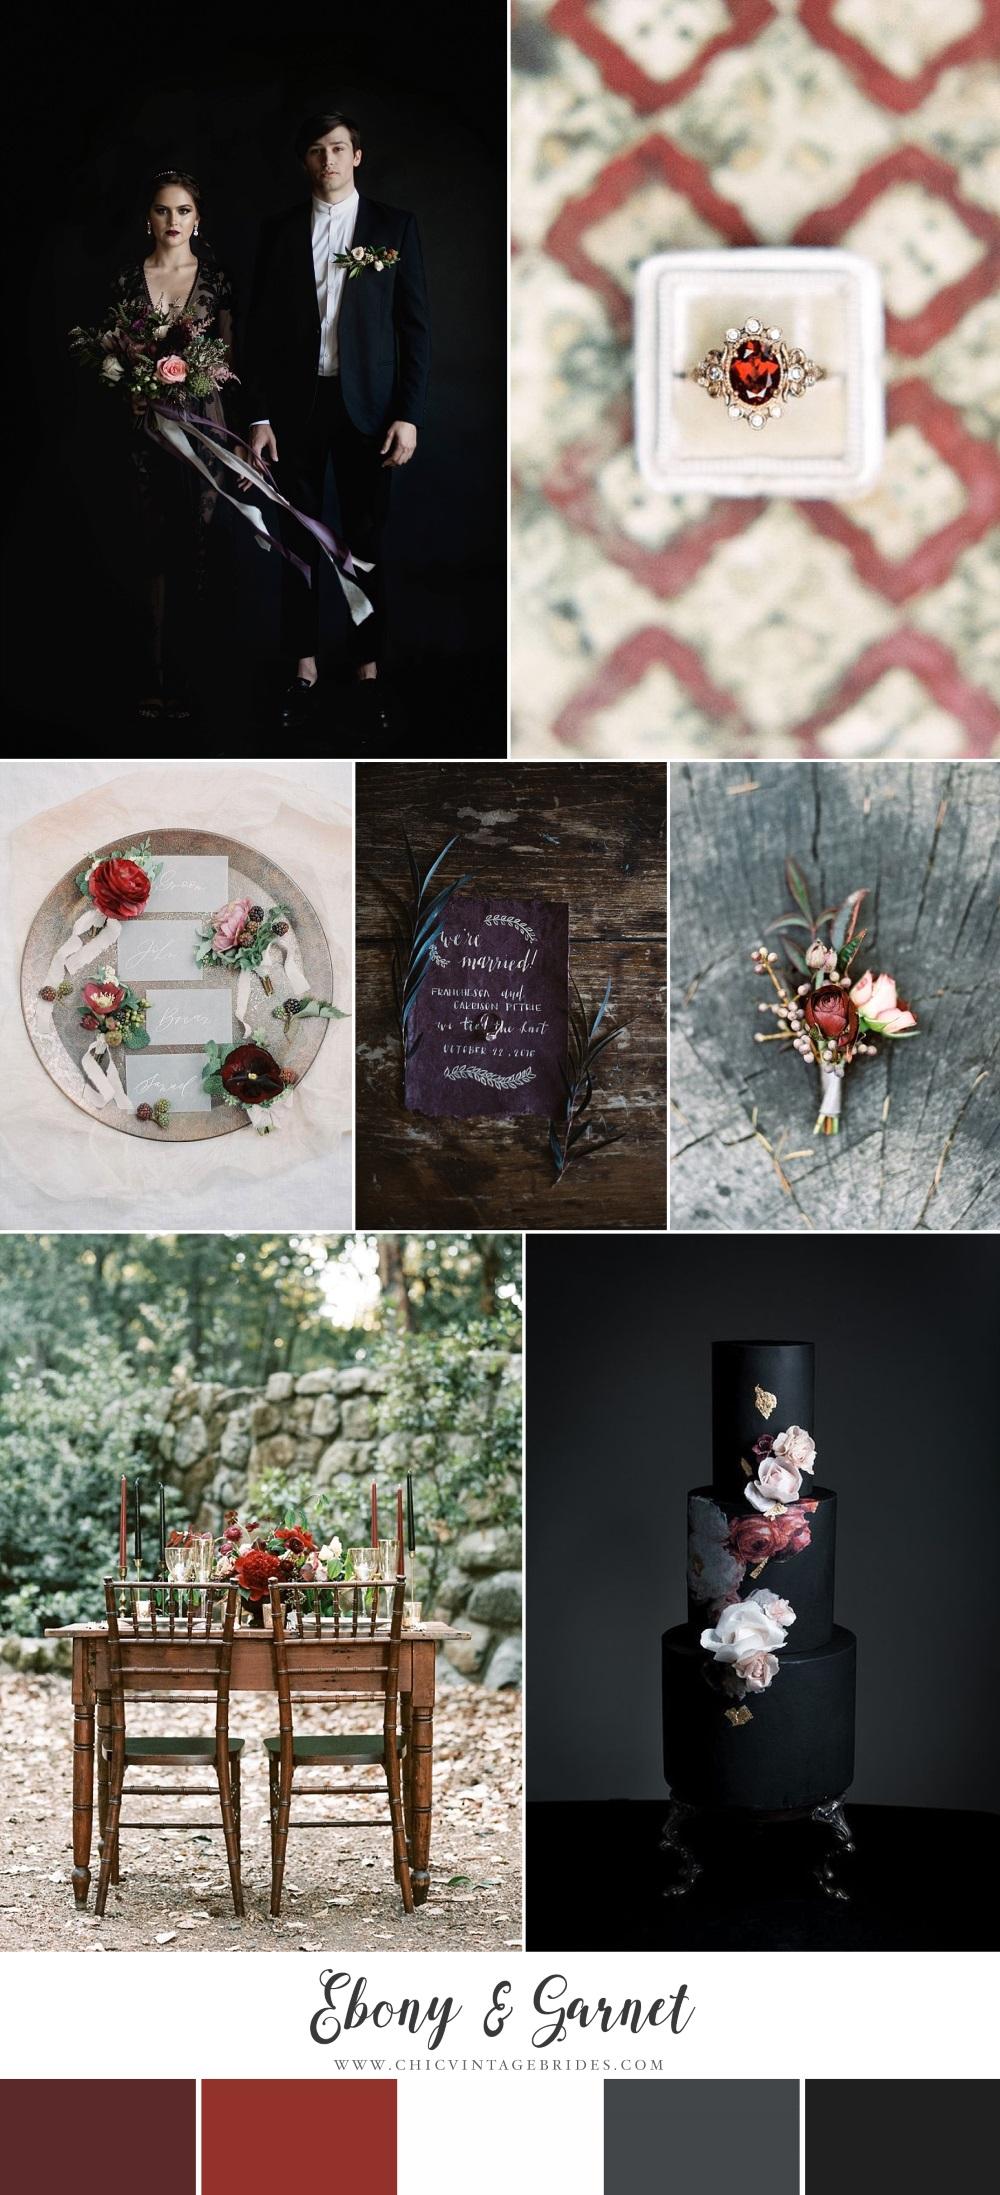 Ebony & Garnet - Dramatic Halloween Wedding Inspiration Board